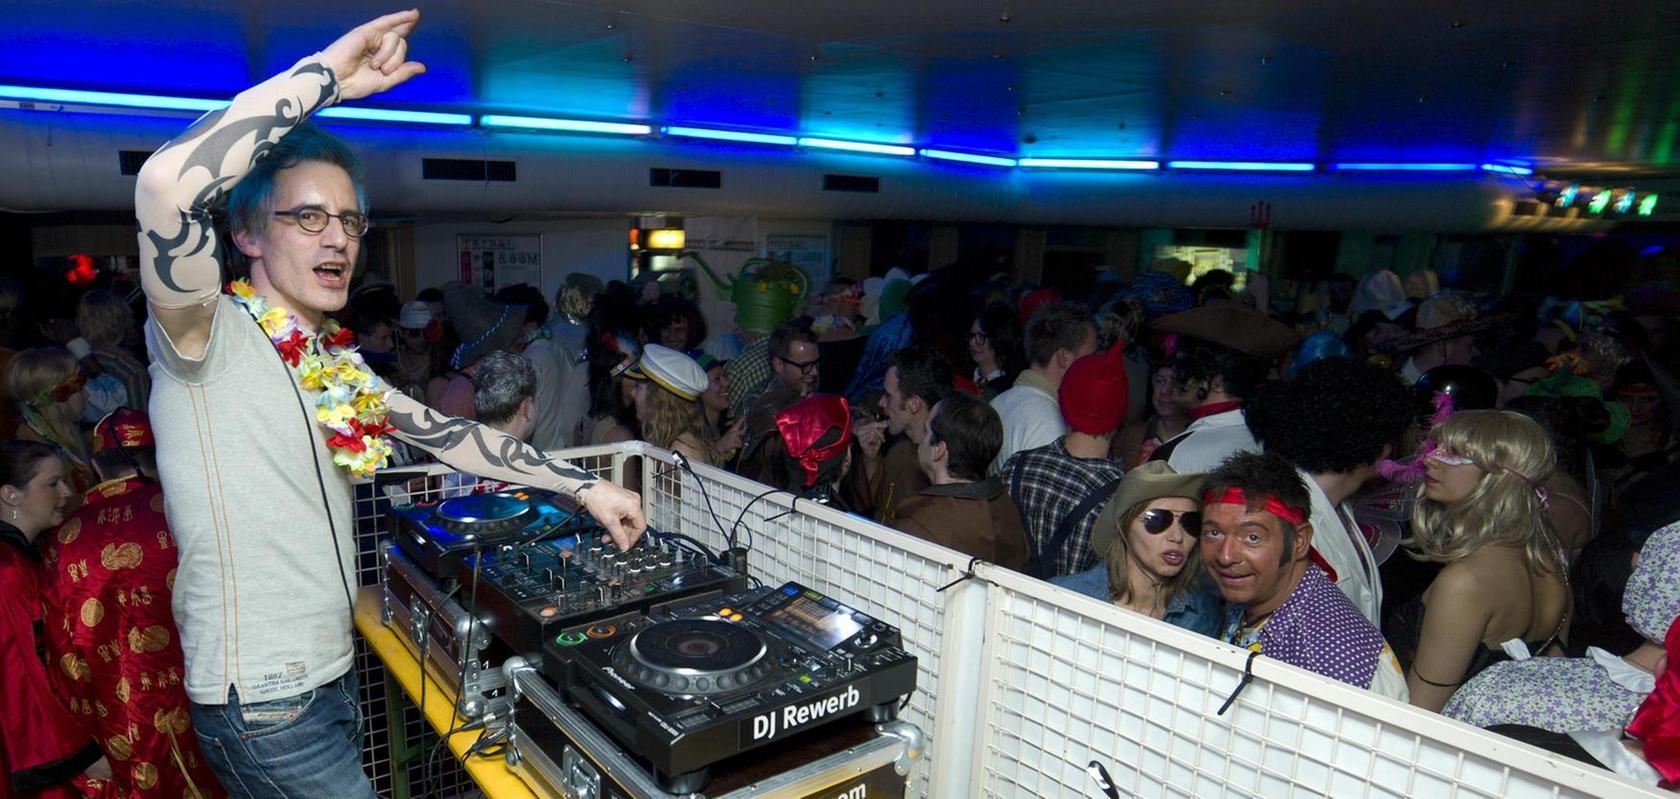 """Thorsten Weber alias """"DJ Rewerb"""" legt regelmäßig bei Großveranstaltungen (hier der Sportlandfasching) auf."""